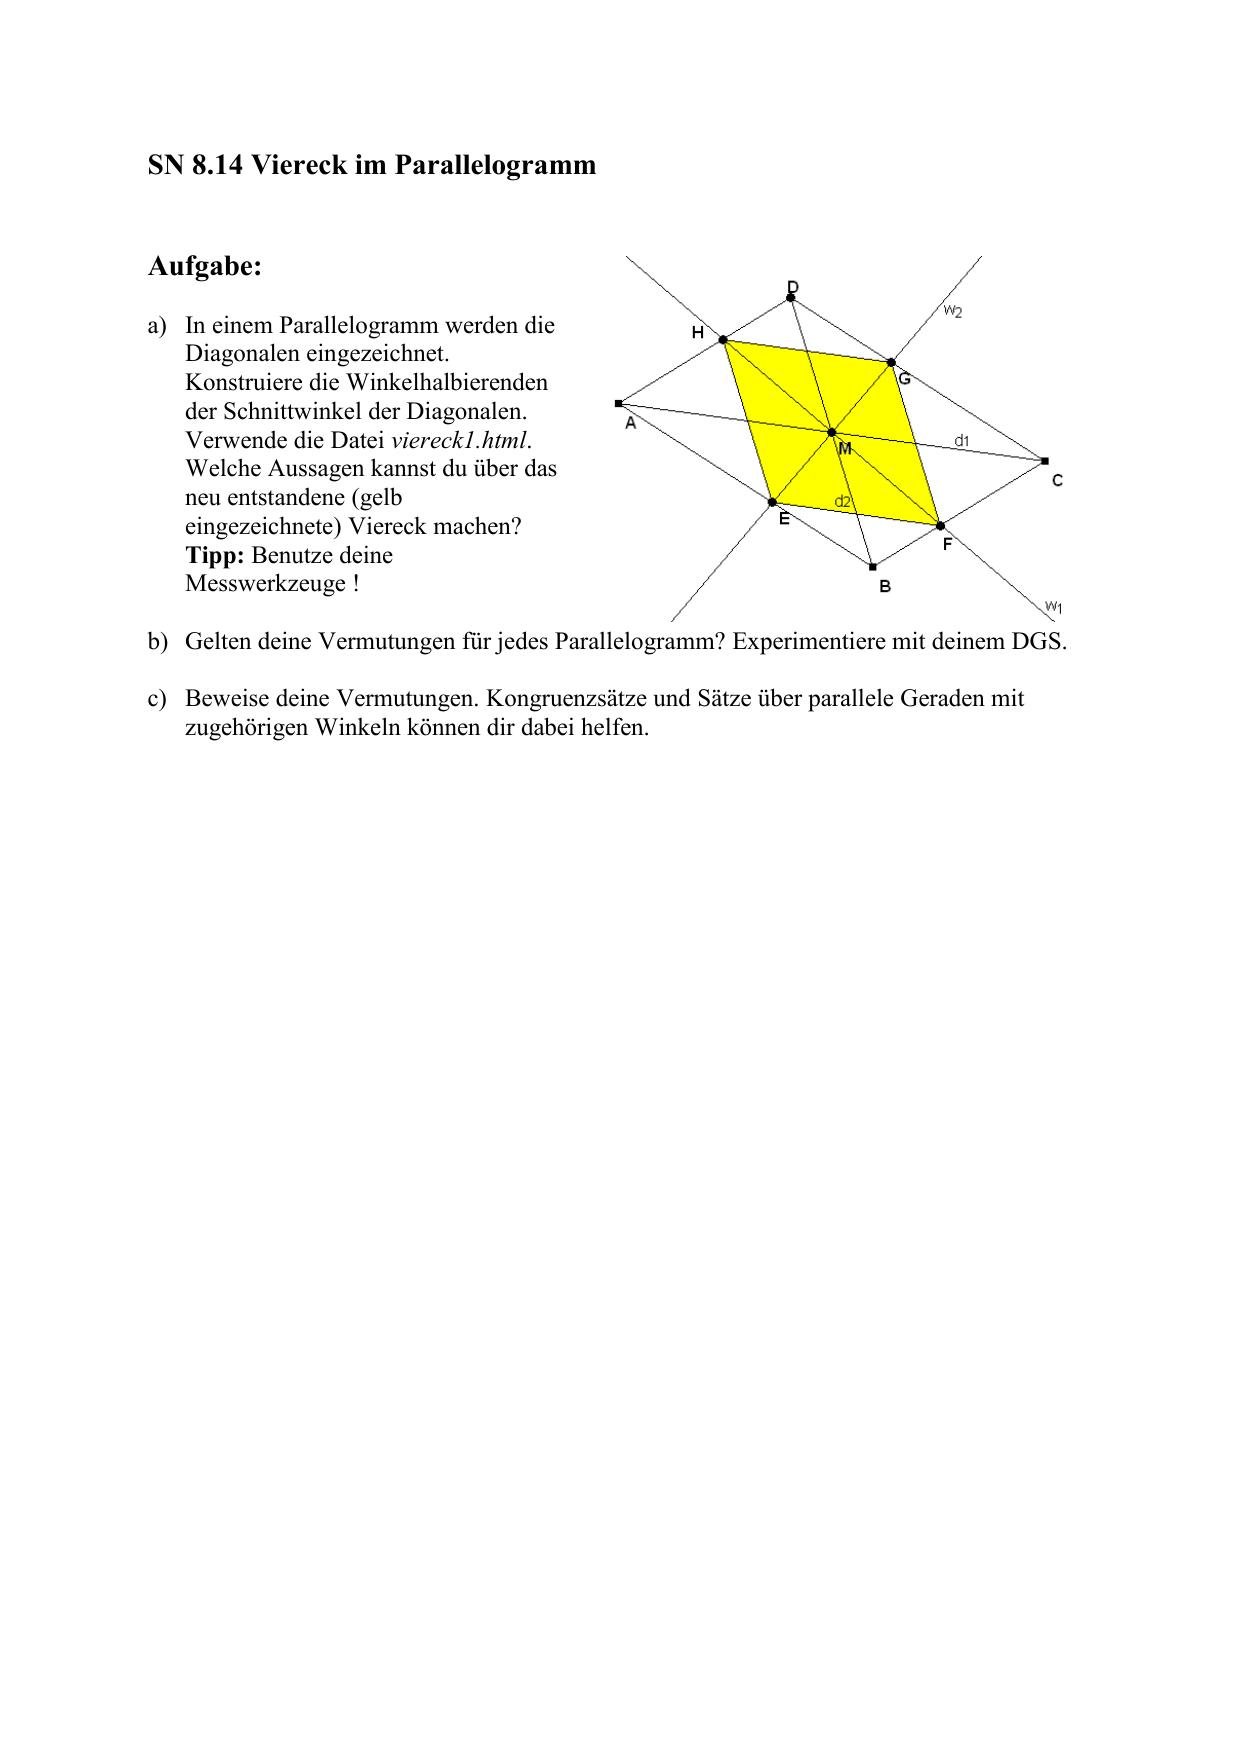 Viereck im Parallelogramm